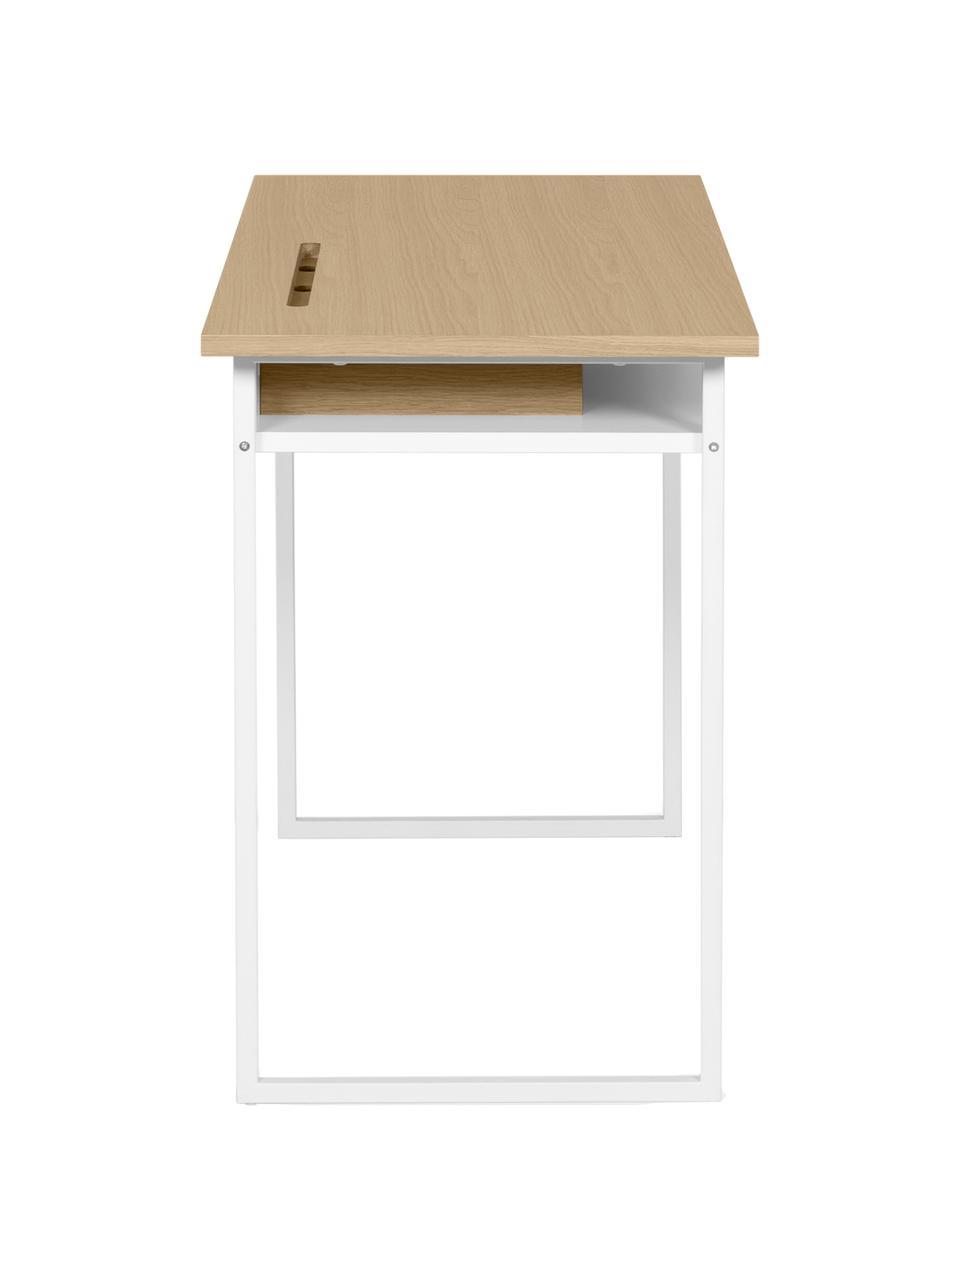 Wit bureau Bristol, Frame: MDF, fineer, spaanplaat, Poten: gelakt metaal, Eikenhoutkleurig, wit, 110 x 78 cm